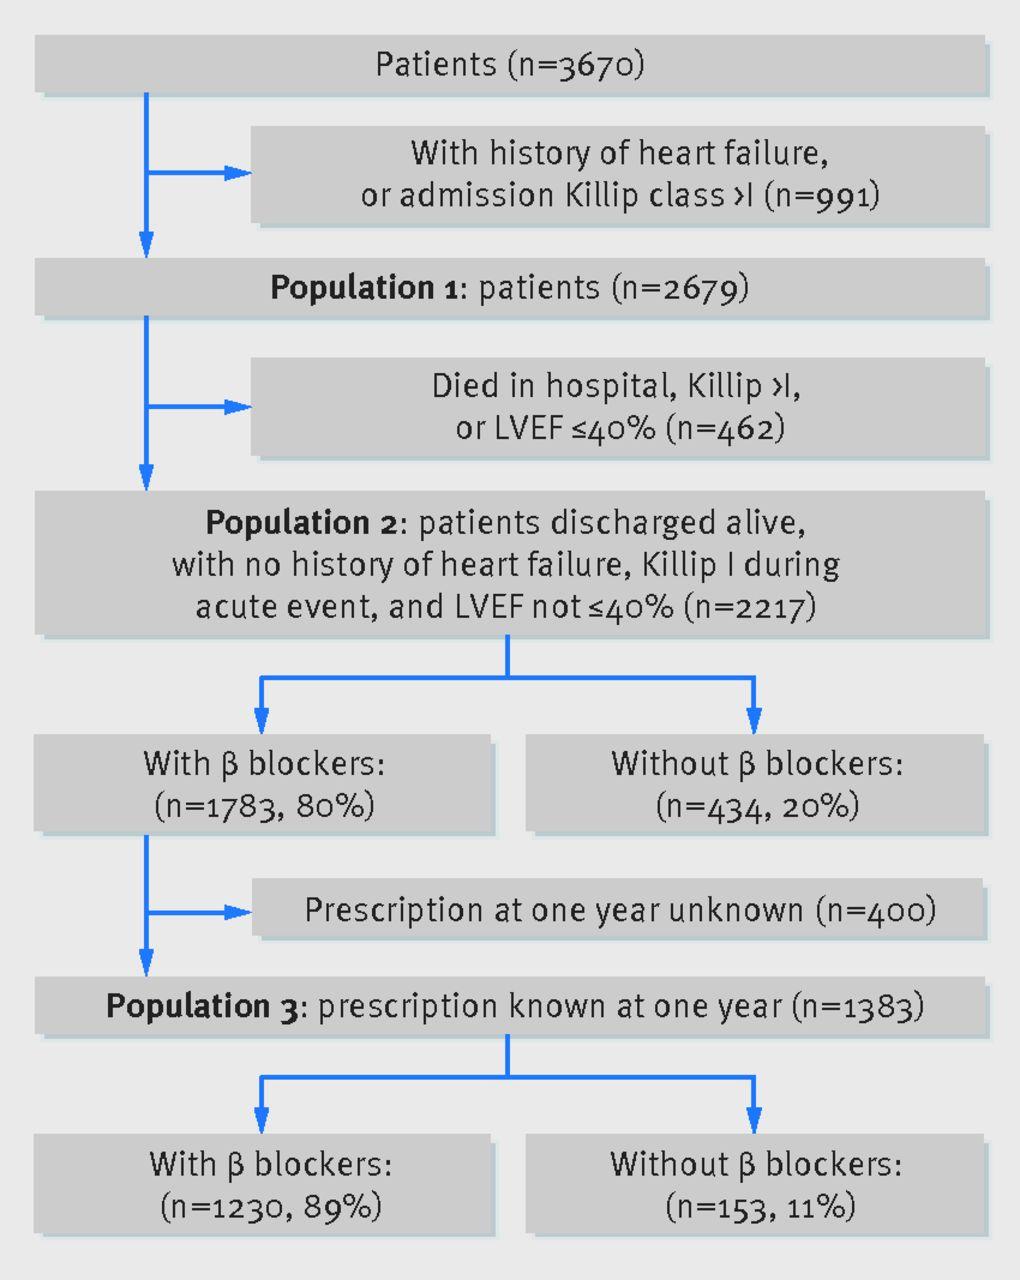 β blockers and mortality after myocardial infarction in patients